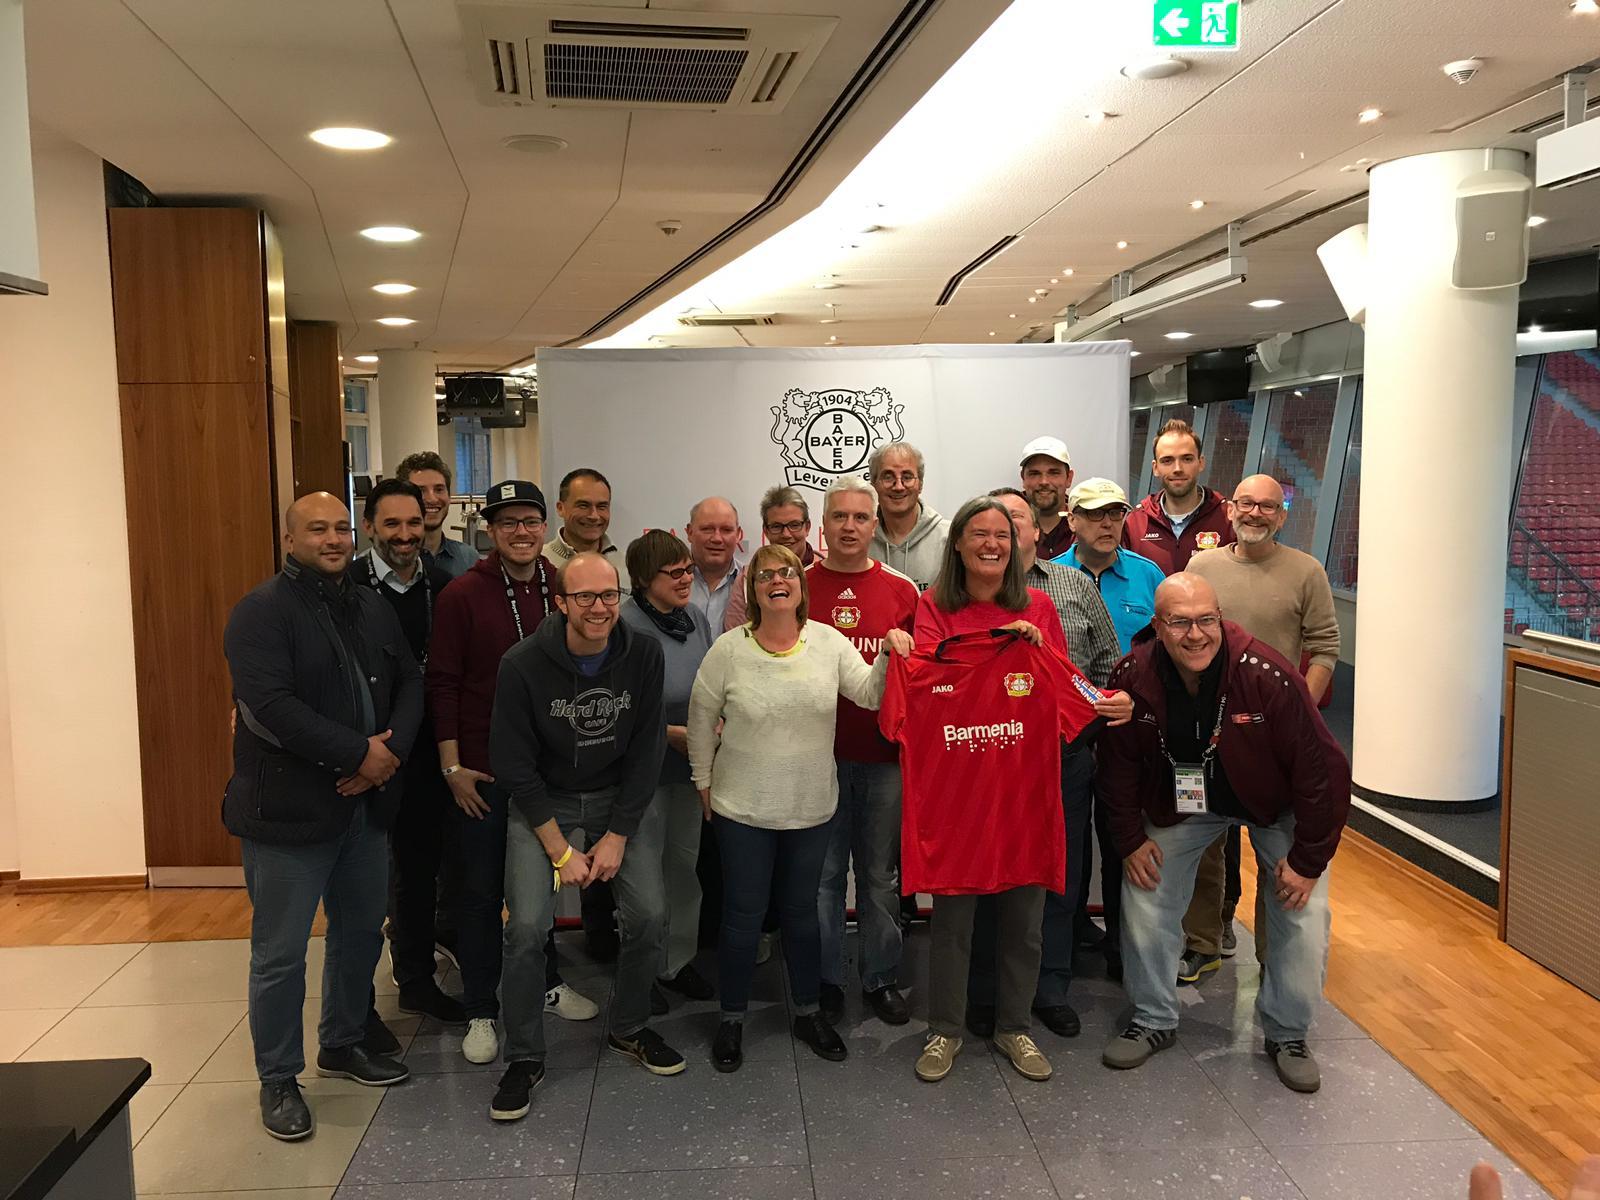 Gruppenfoto Fanclub Sehhunde in Leverkusen